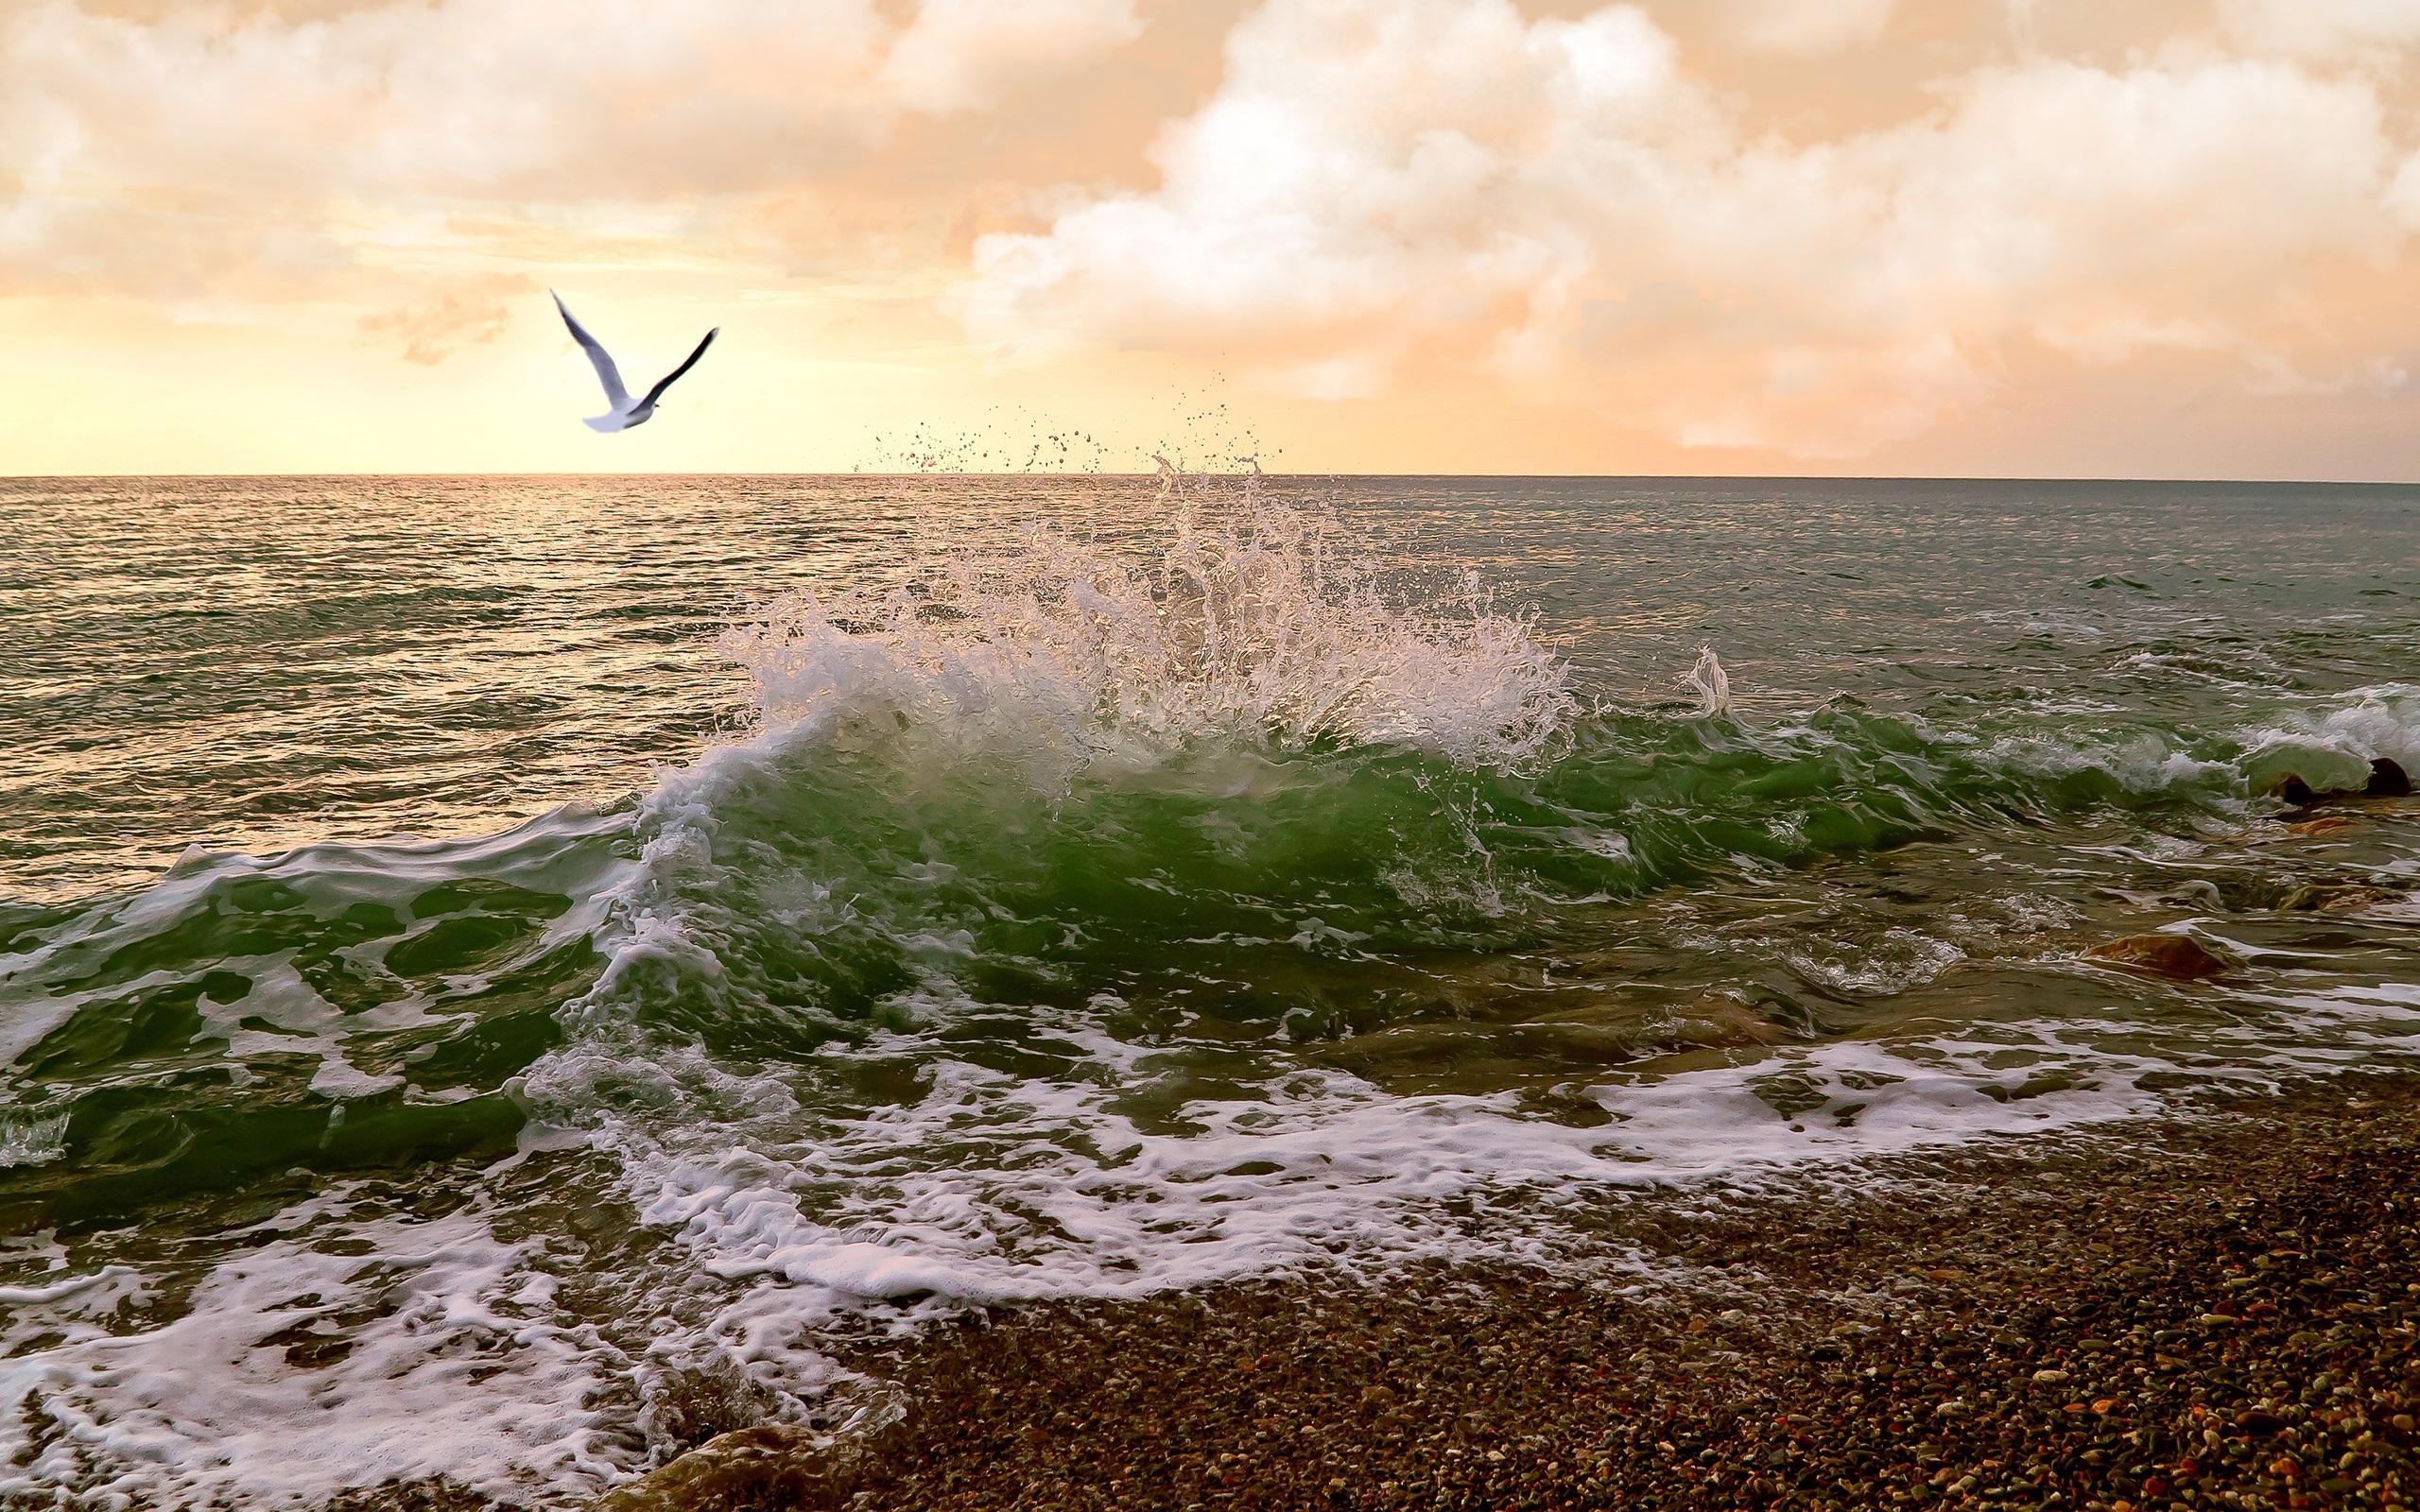 полосы картинка волна утром сегодня